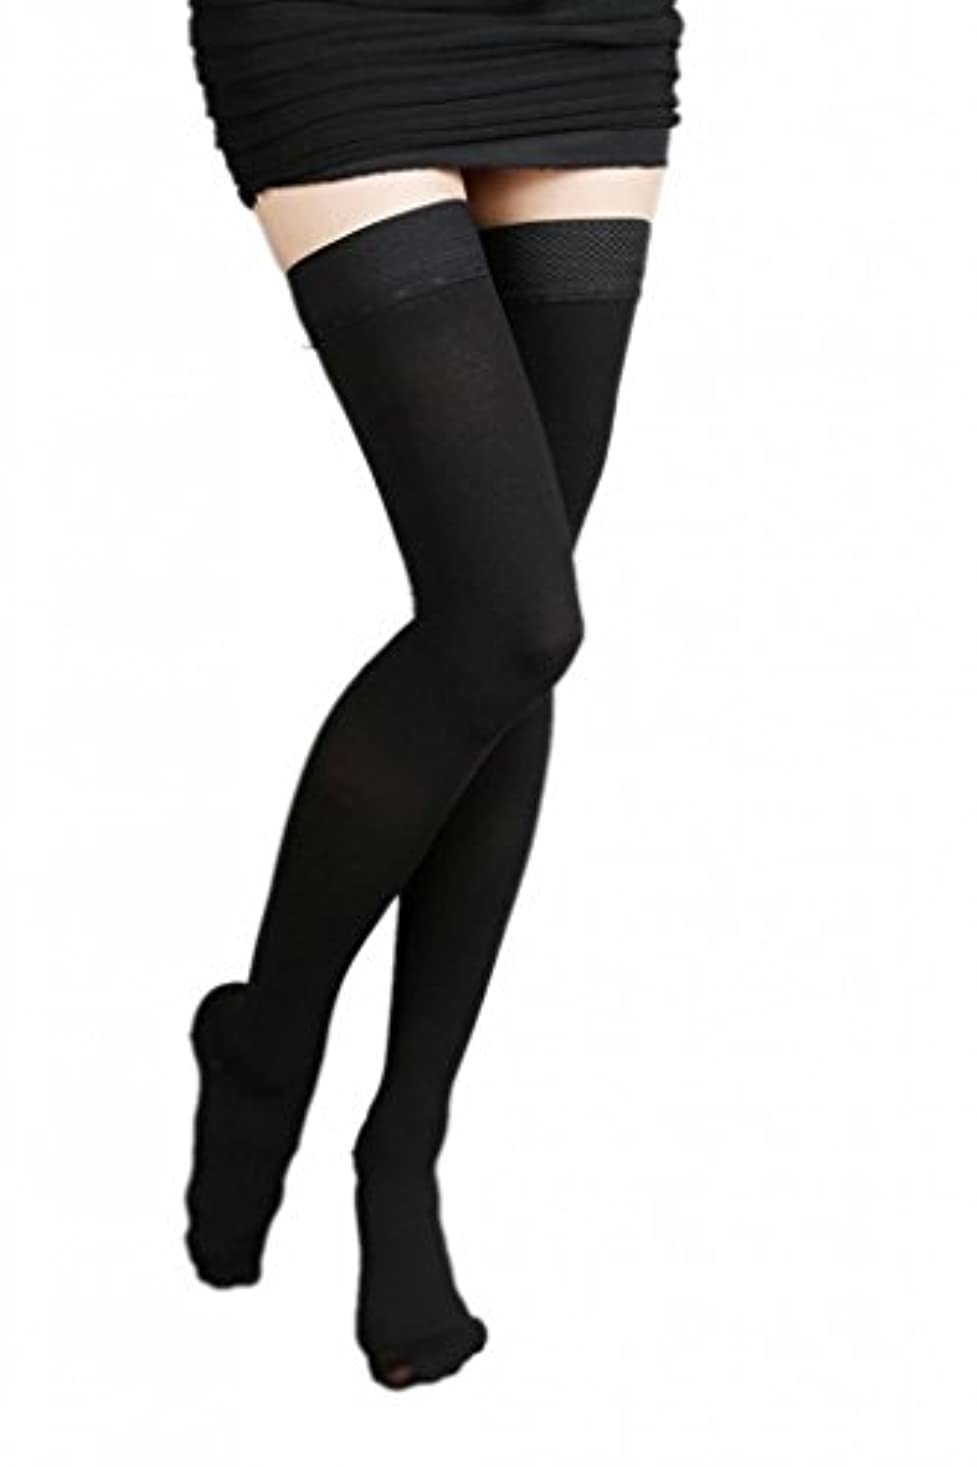 フラップ不幸カウントアップ(ラボーグ)La Vogue 美脚 着圧オーバーニーソックス ハイソックス 靴下 弾性ストッキング つま先あり着圧ソックス XL 1級低圧 黒色